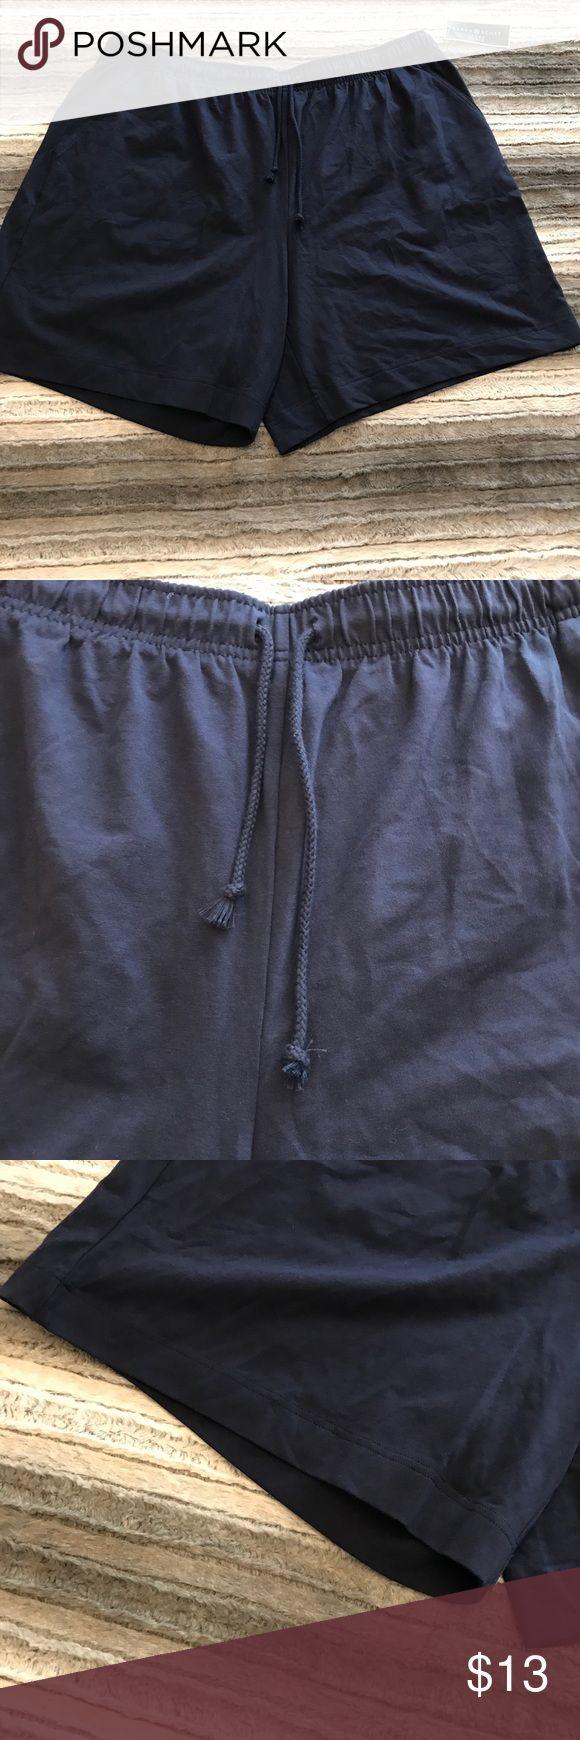 Navy Stretchy Drawstring Shorts Karen Scott Sport Navy Shorts with Drawstring.  95% Cotton, 5% Spandex. Karen Scott Shorts